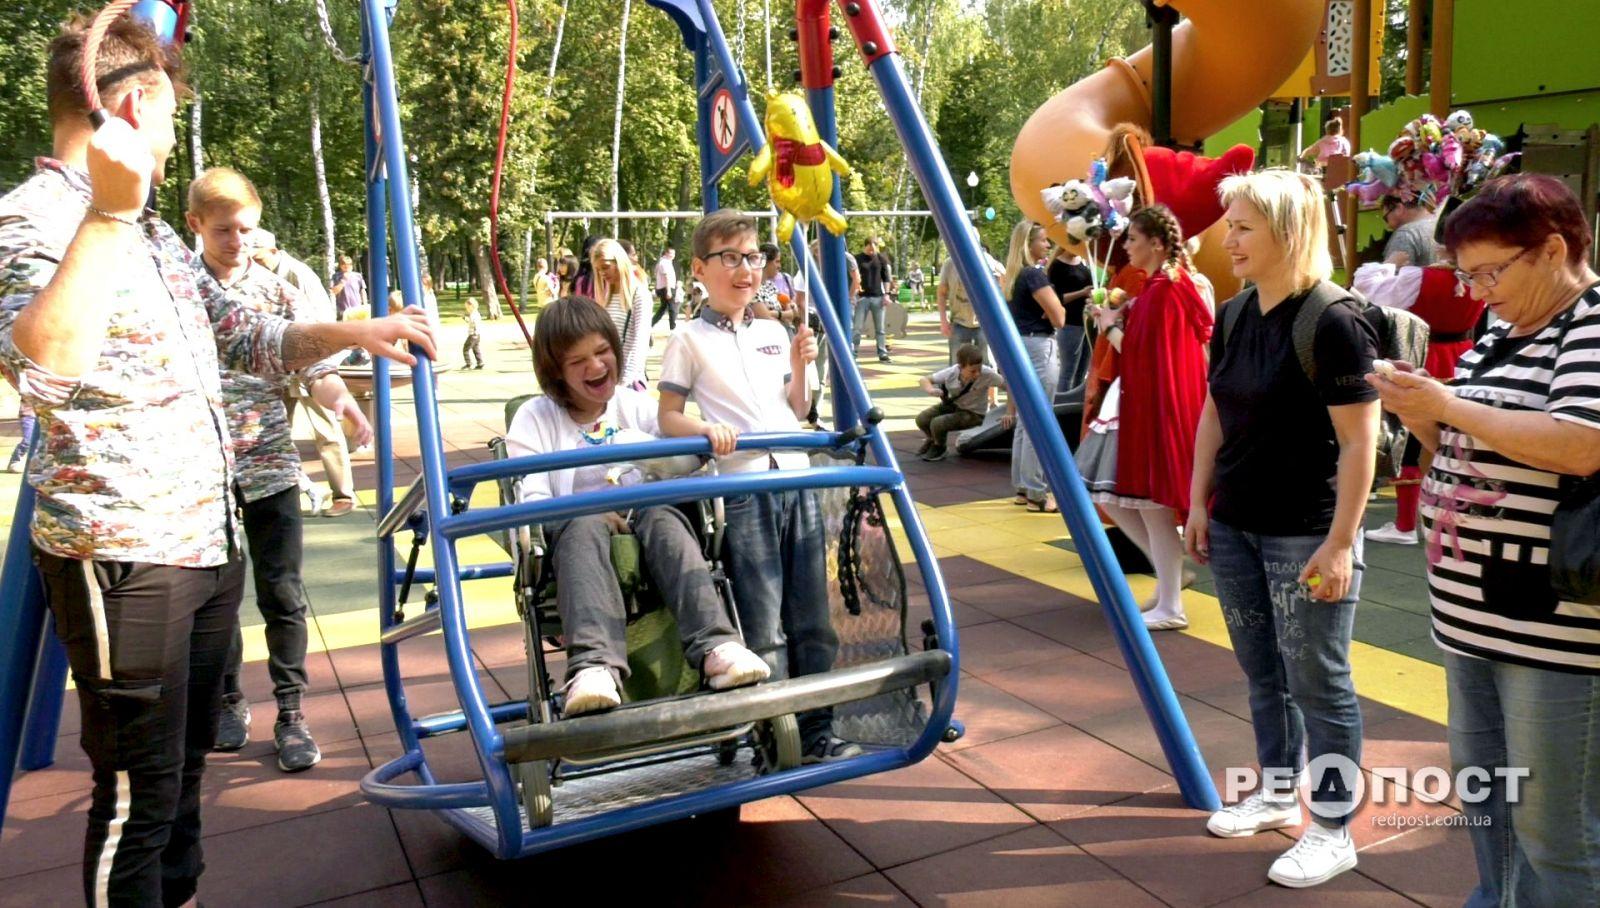 Парк Горького в Харькове инклюзивная площадка